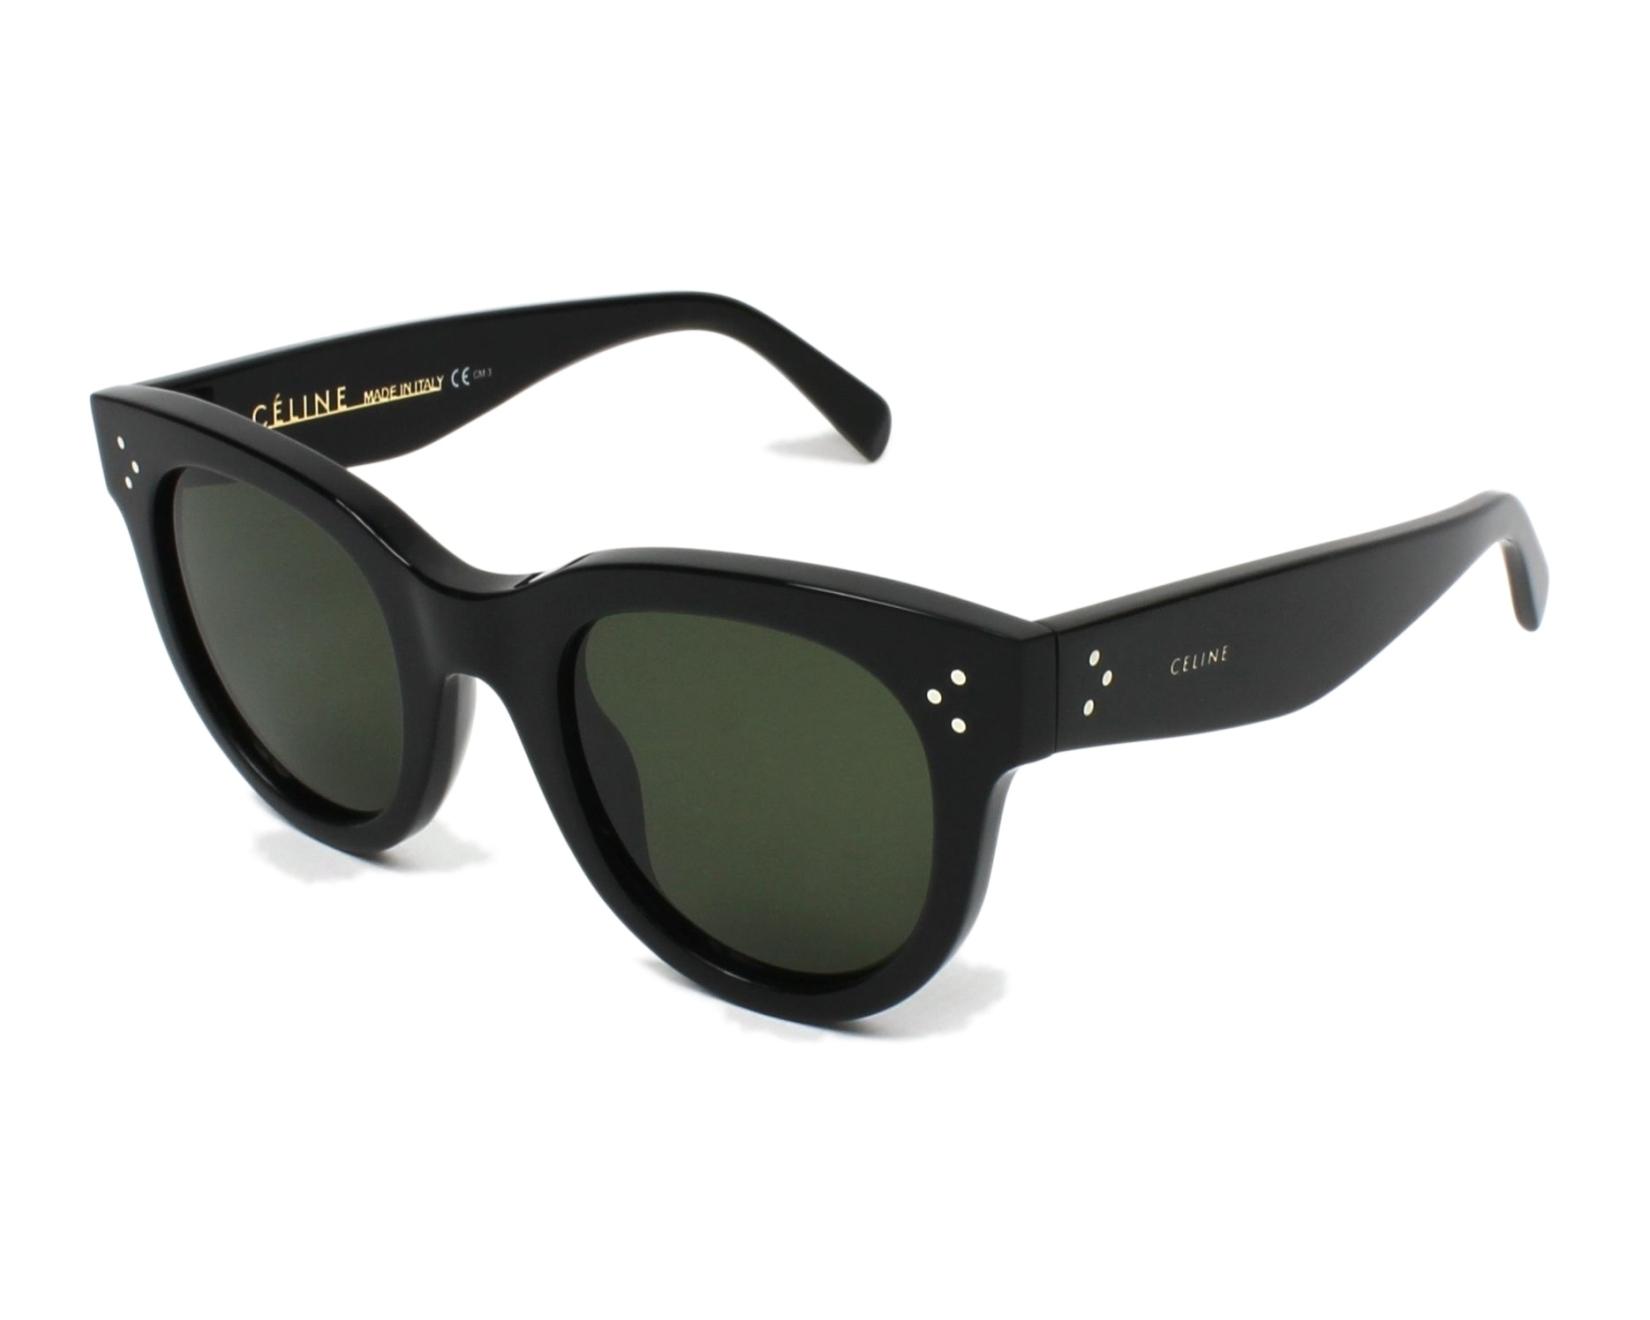 d68b681f04 thumbnail Sunglasses Céline CL-41053-S 807 1E - Black profile view